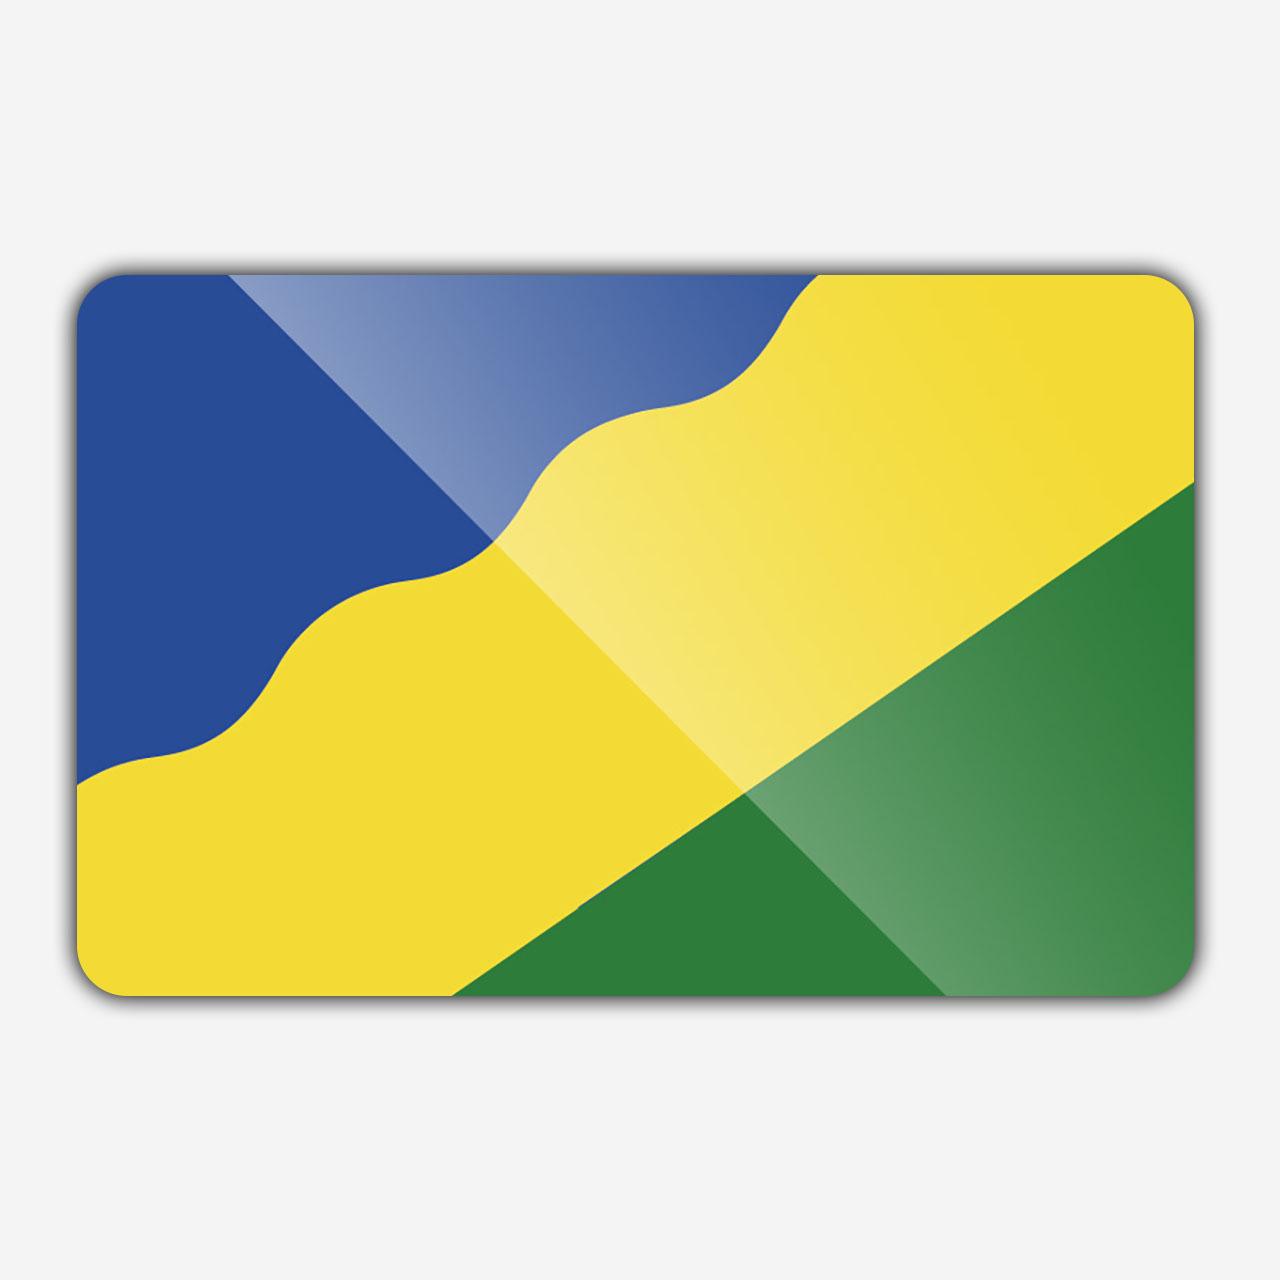 Vlag gemeente Franekeradeel